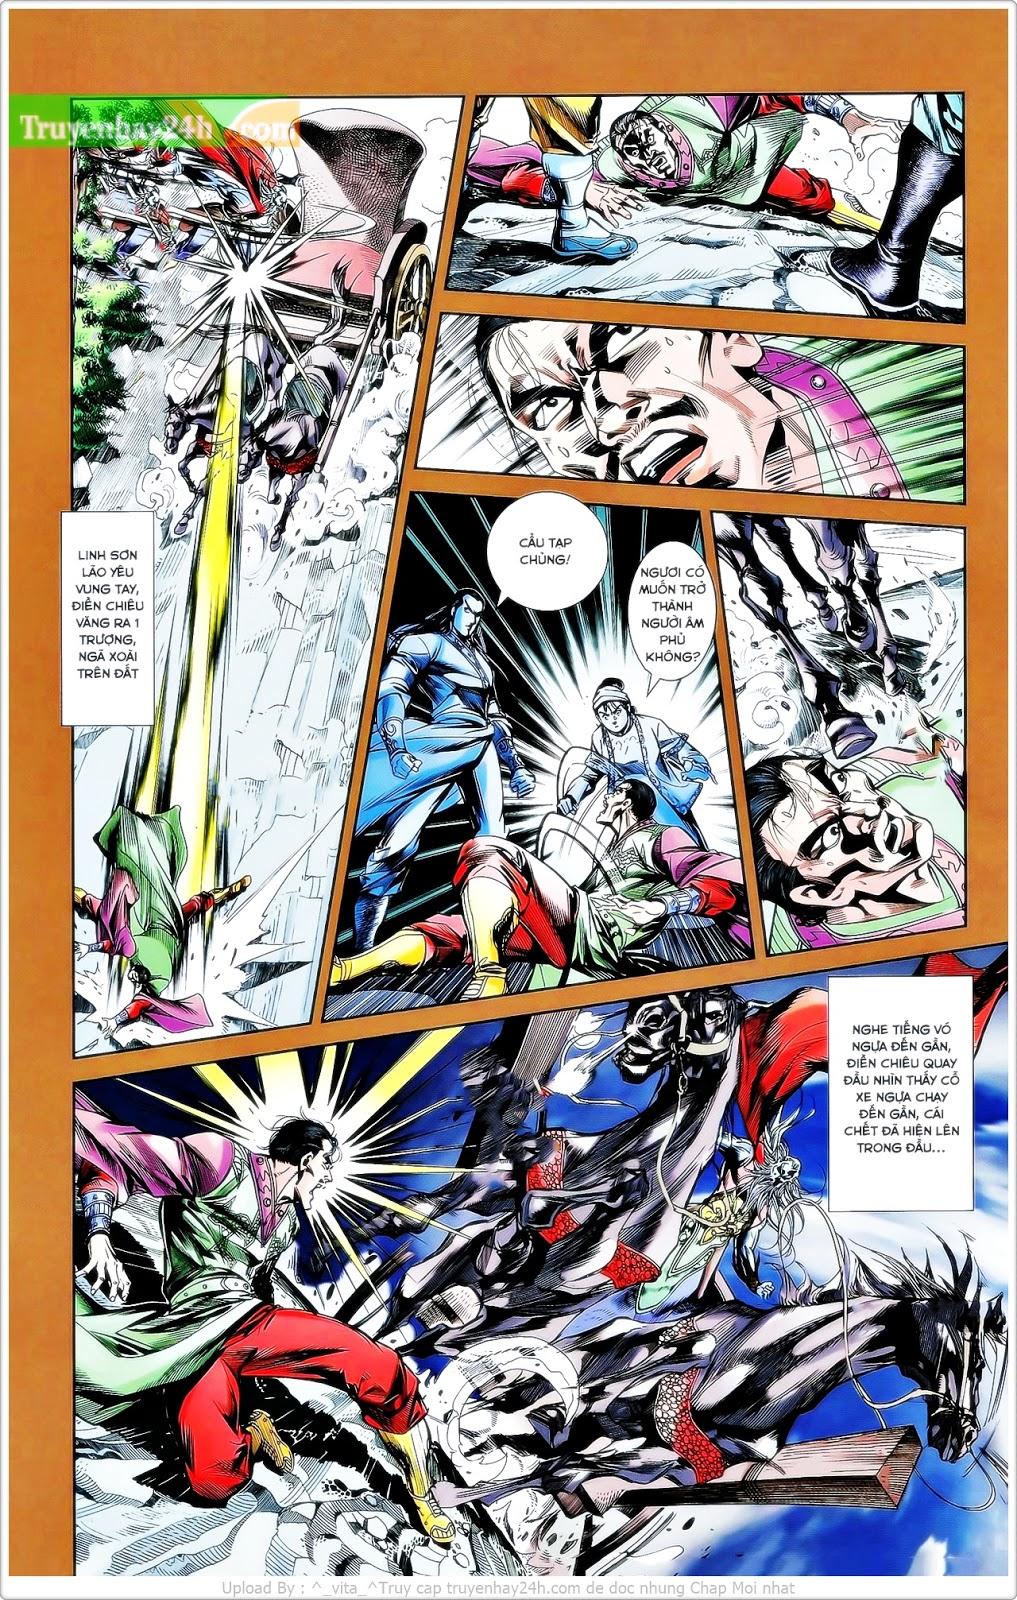 Tần Vương Doanh Chính chapter 26 trang 19